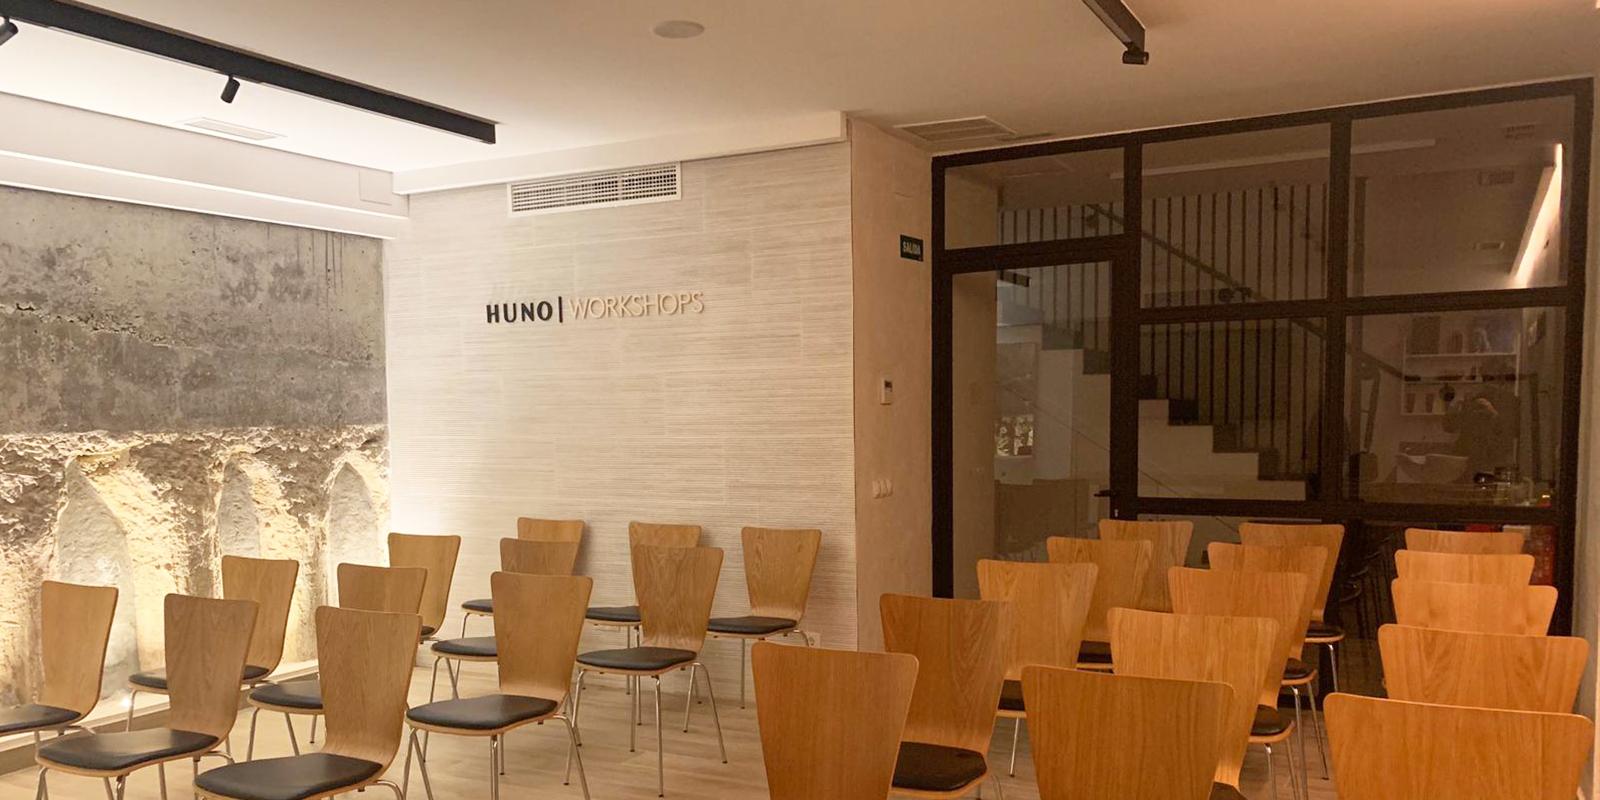 espacio para formación profesional de peluquería y belleza philips martins ccont en Madrid huno workshop